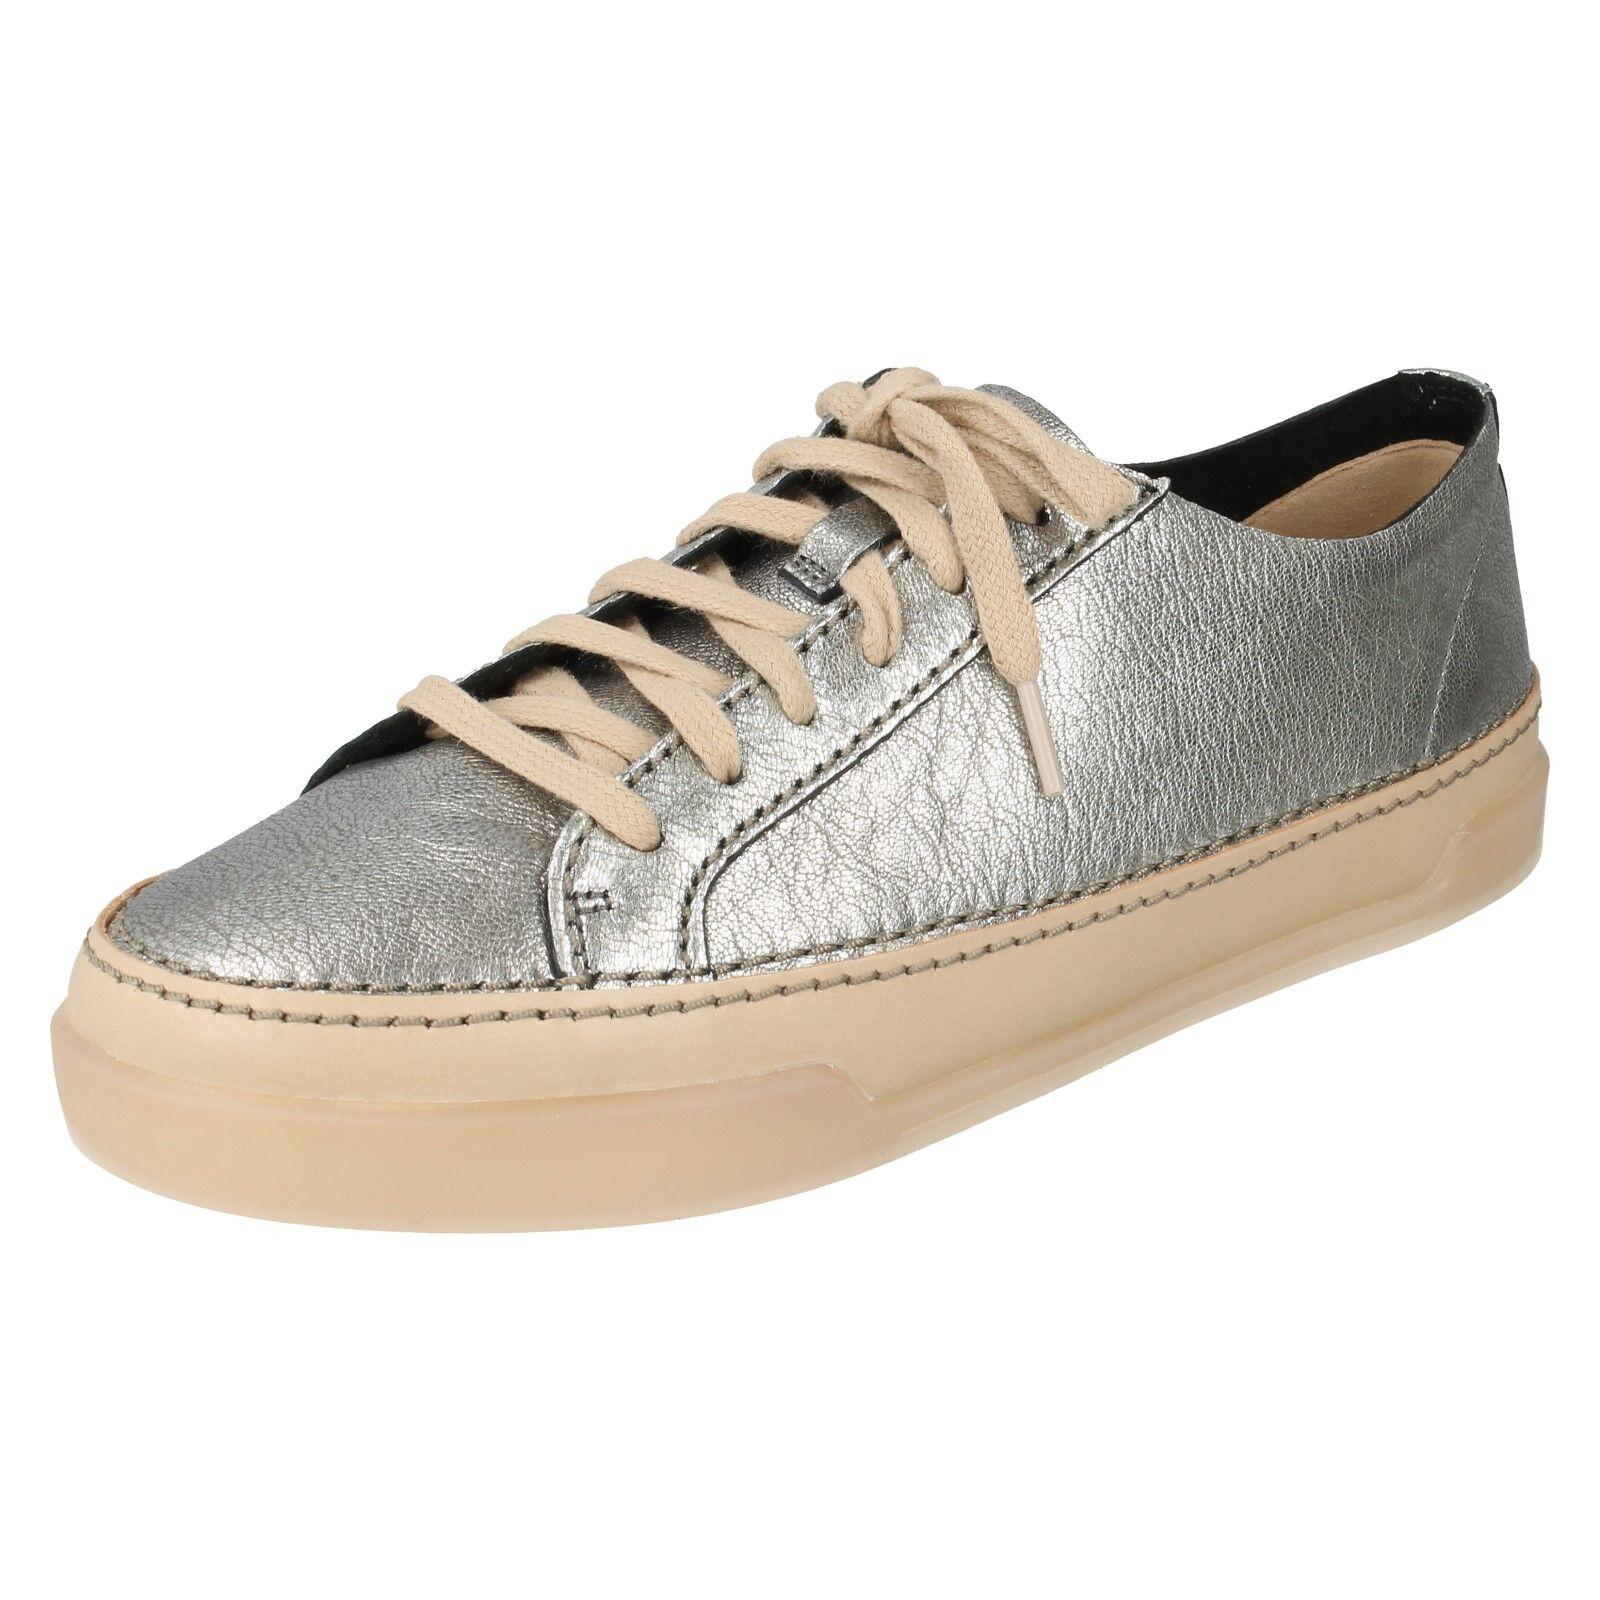 Damas Clarks Zapatos Con Cordones De Cuero Casuales Casuales Casuales Deportivas Plana Zapatillas Seratos HIDI Holly  buen precio